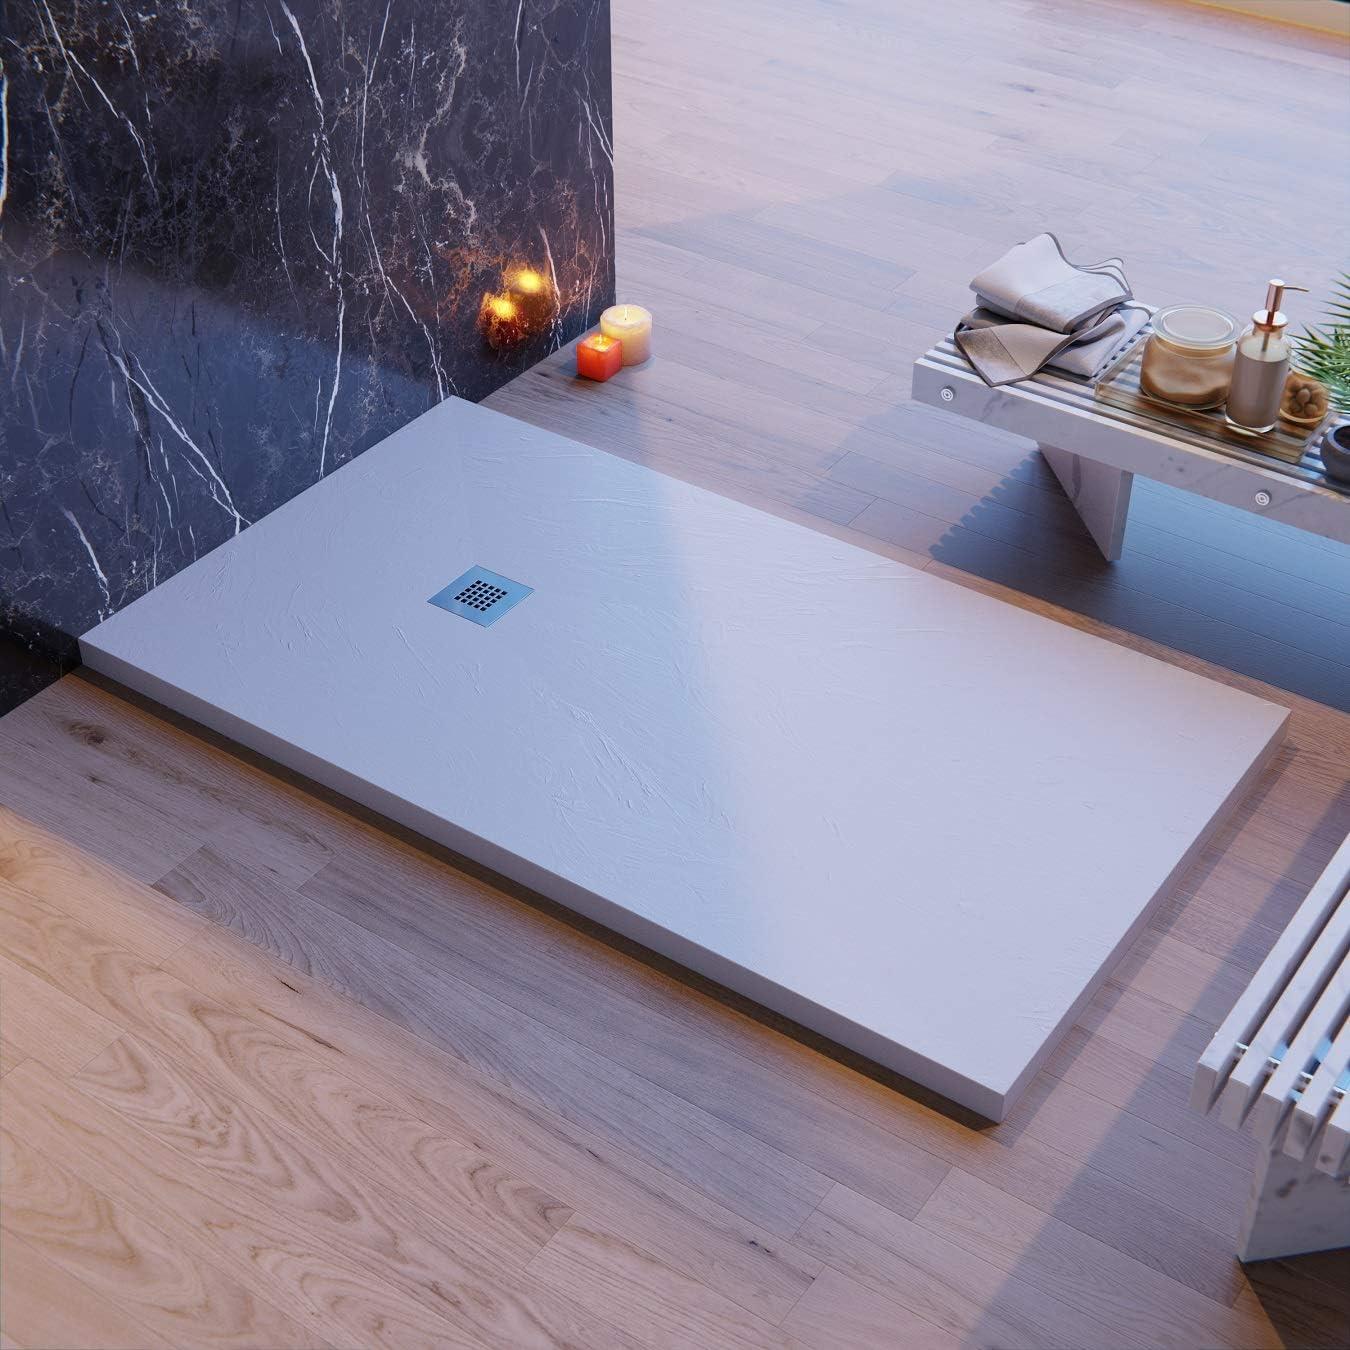 Plato de ducha fabricado en Italia, color gris claro, Luxury, en Mineralmarmo, revestimiento de Gelcoat, Slim 3 cm, en masa completa y reducible (80 x 150): Amazon.es: Bricolaje y herramientas